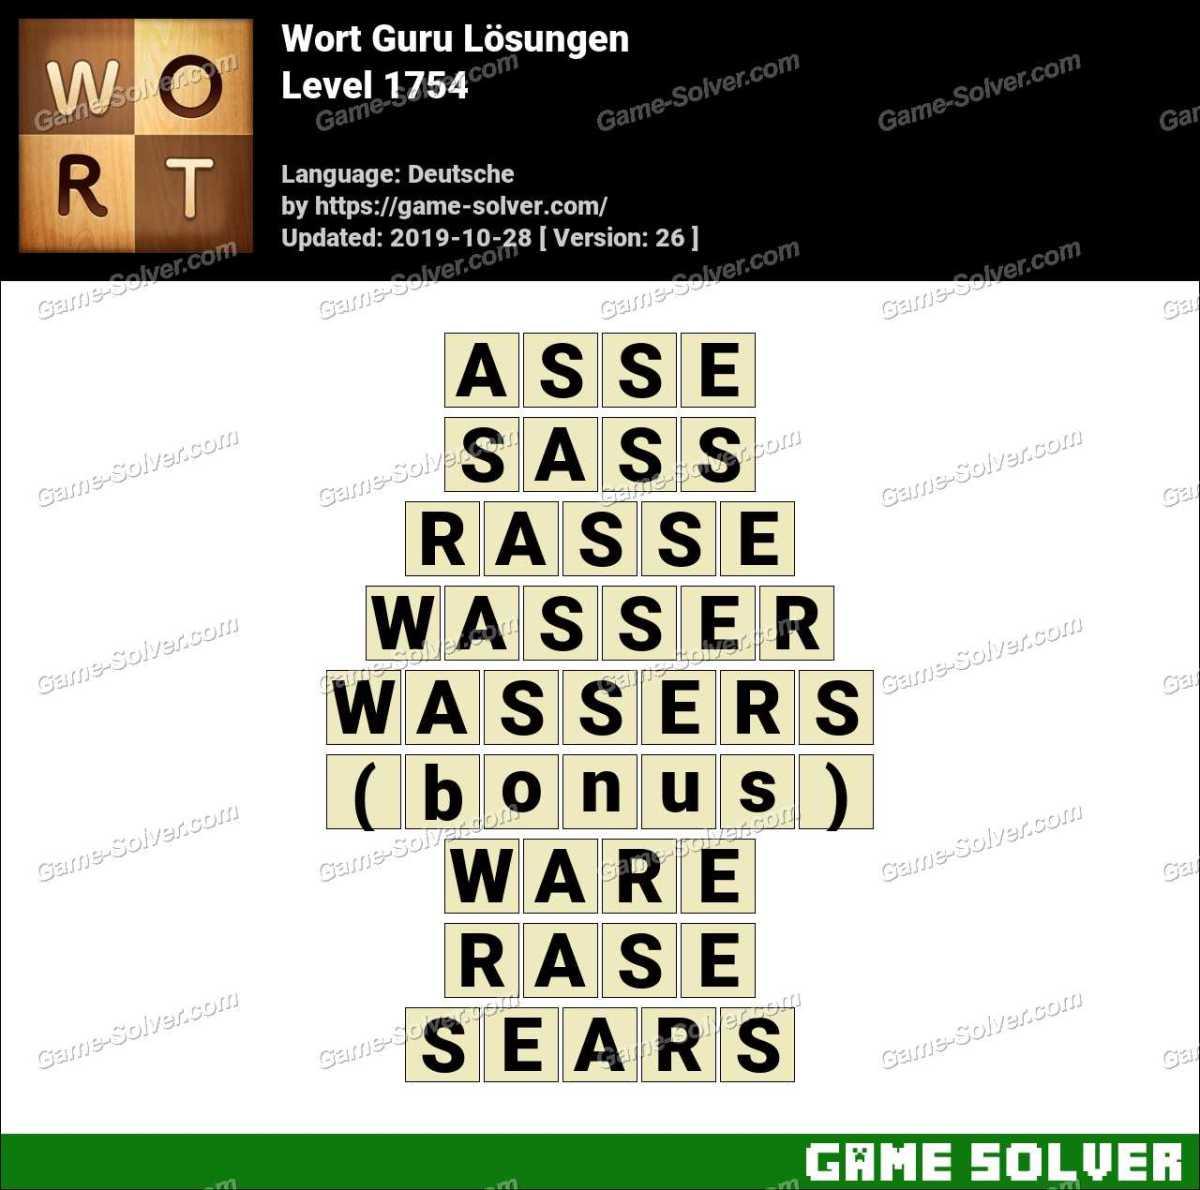 Wort Guru Level 1754 Lösungen